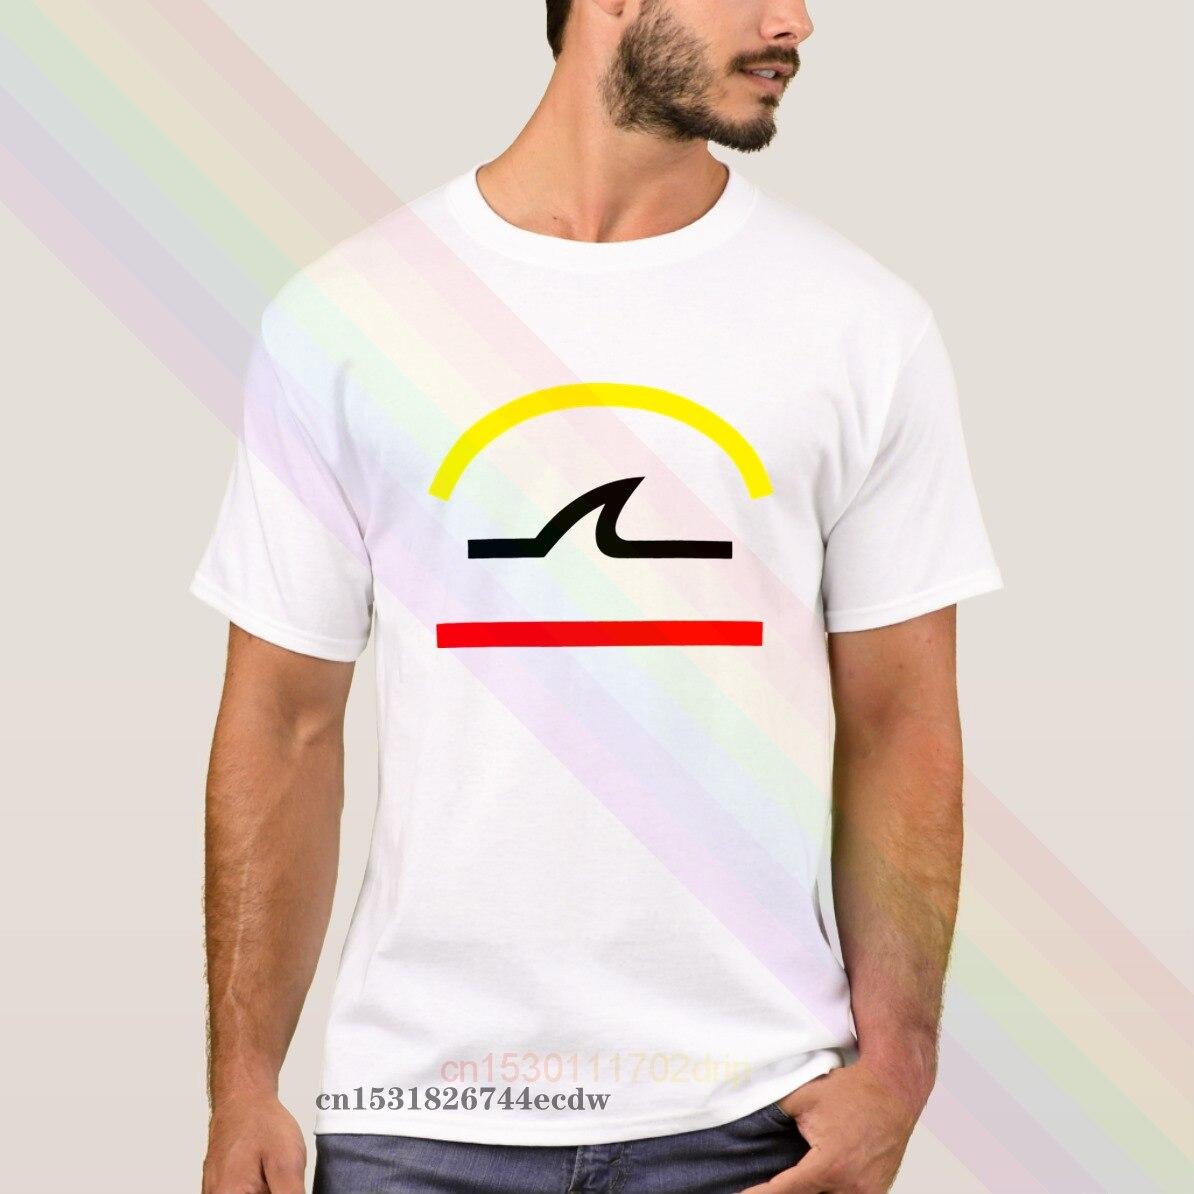 Lo más nuevo del verano 2020 Paul Shark Line Loog 100% ropa de algodón Casual Unisex camiseta presente Homme Tops camisetas S-4XL